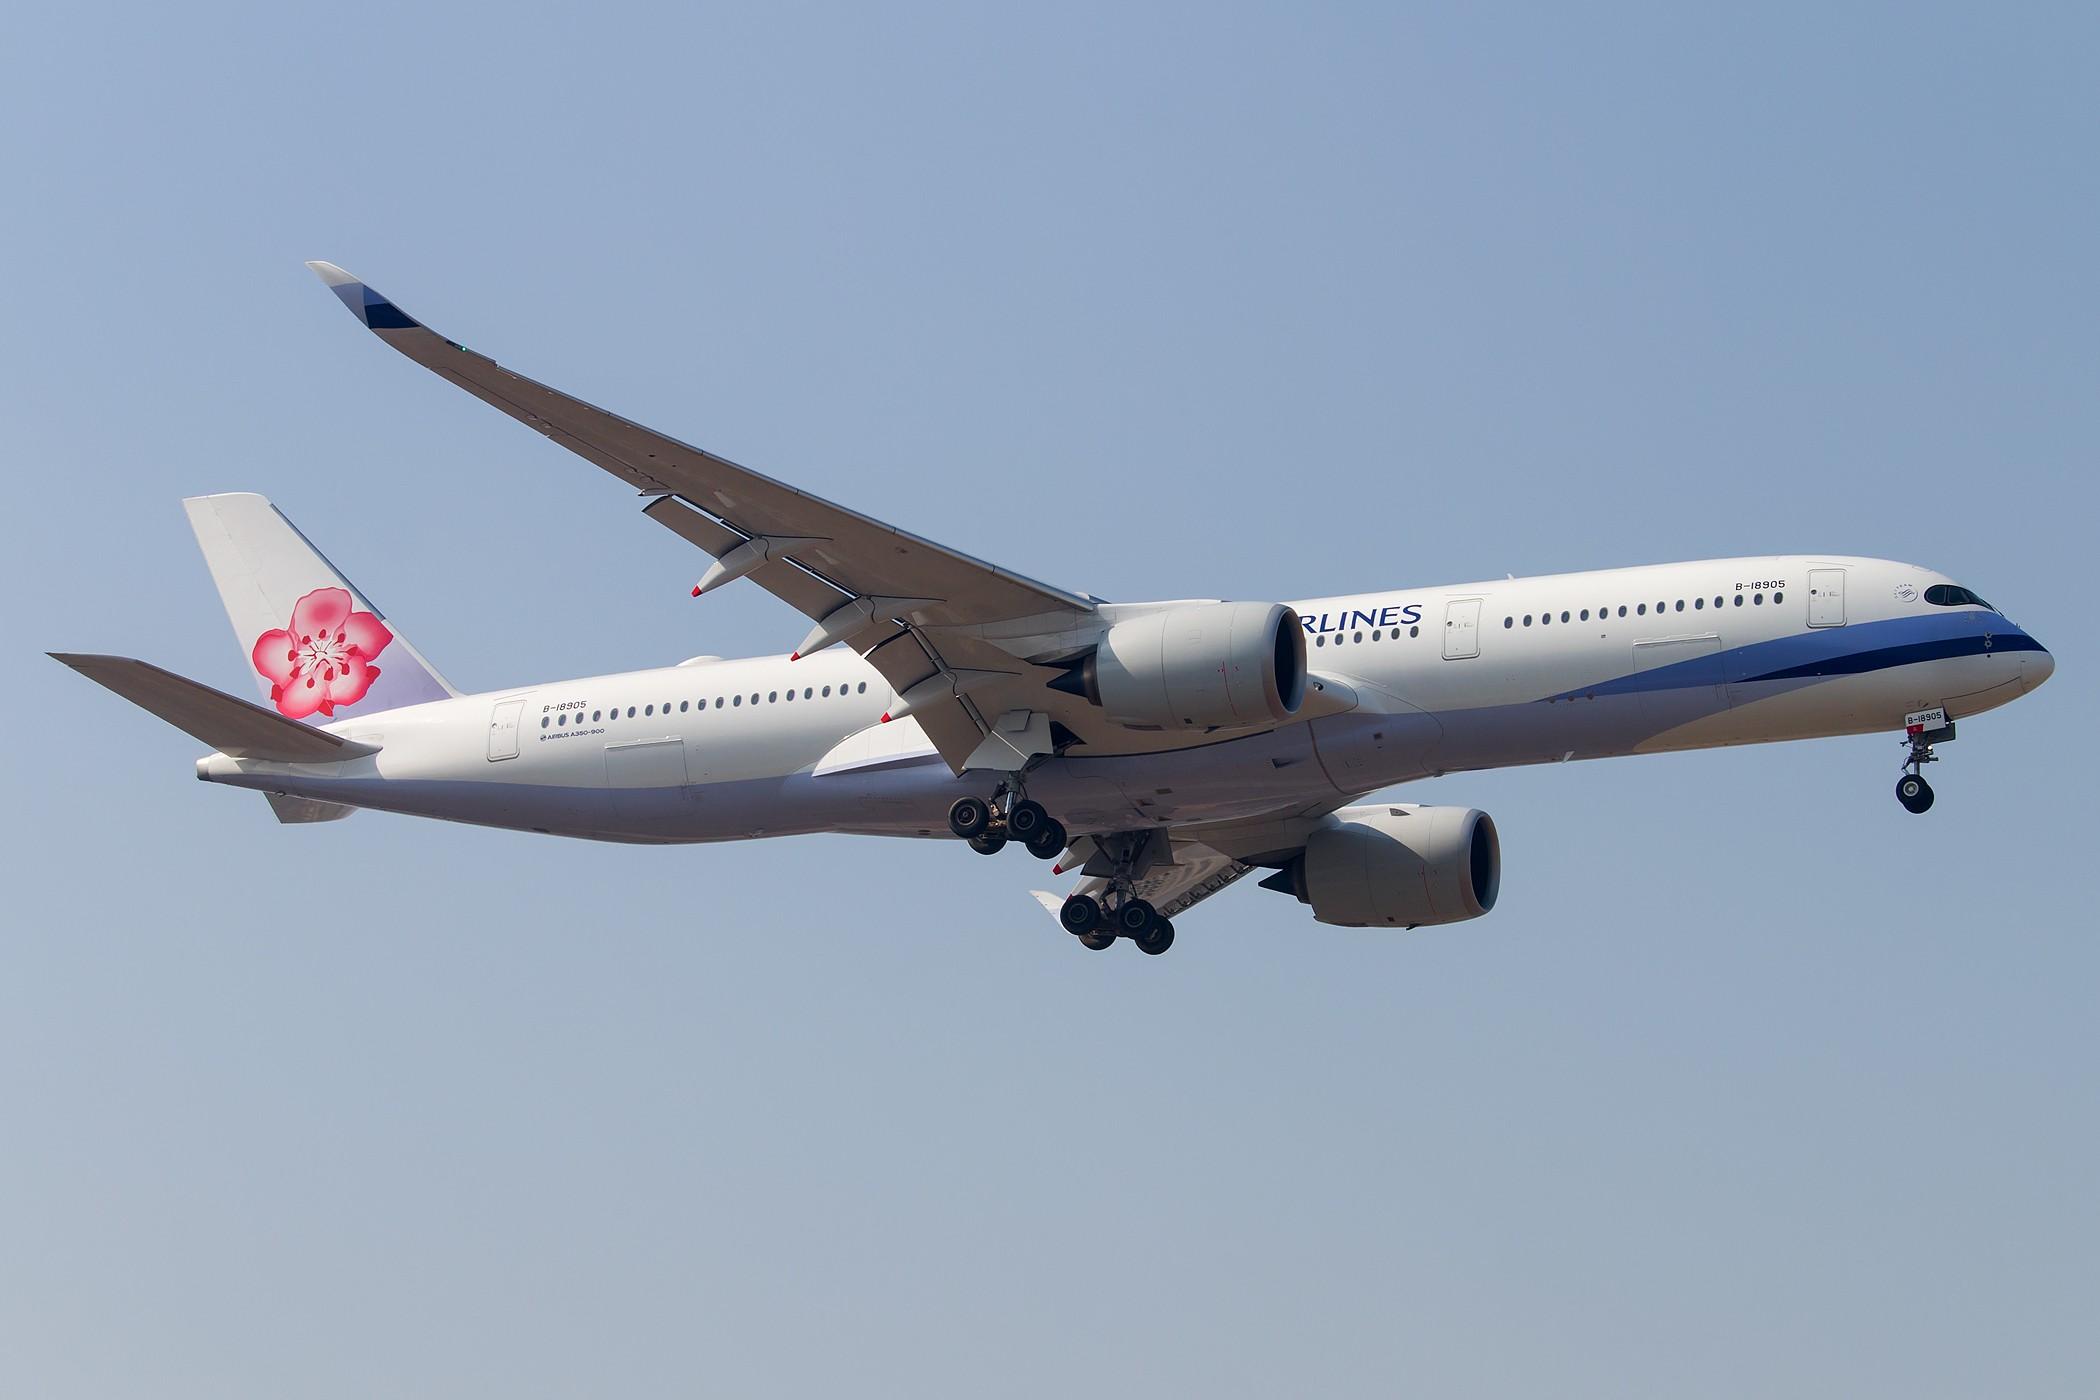 [一图党] 中华航空 A350-900XWB首航北京 CI511 B-18905 2100*1400 AIRBUS A350-900XWB B-18905 中国北京首都国际机场